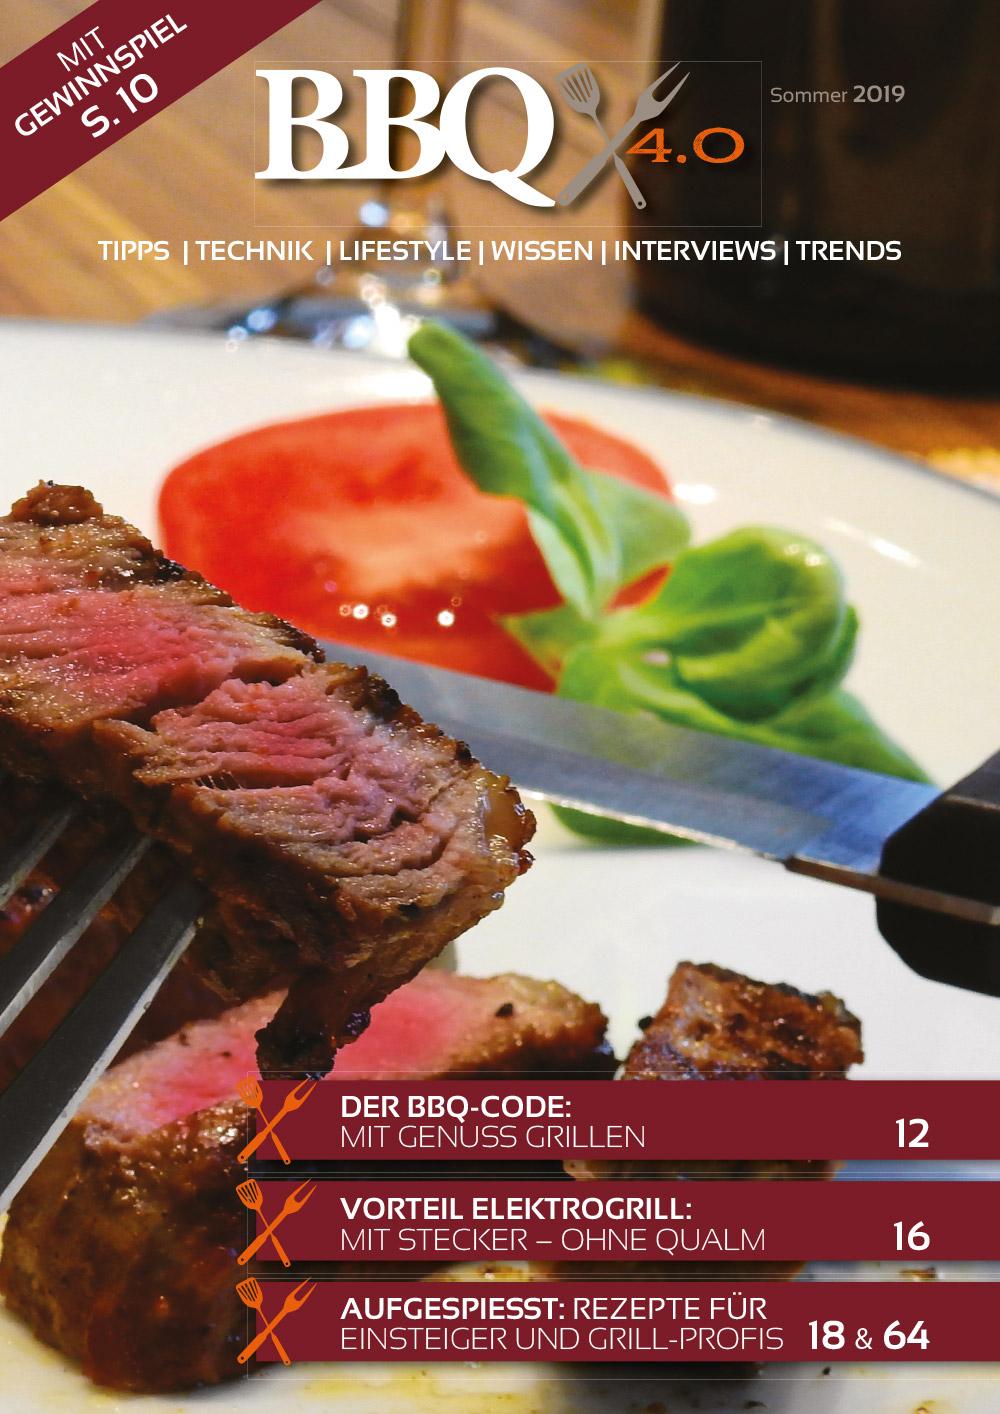 BBQ 4.0 Elektrisches Grillen Titelseite